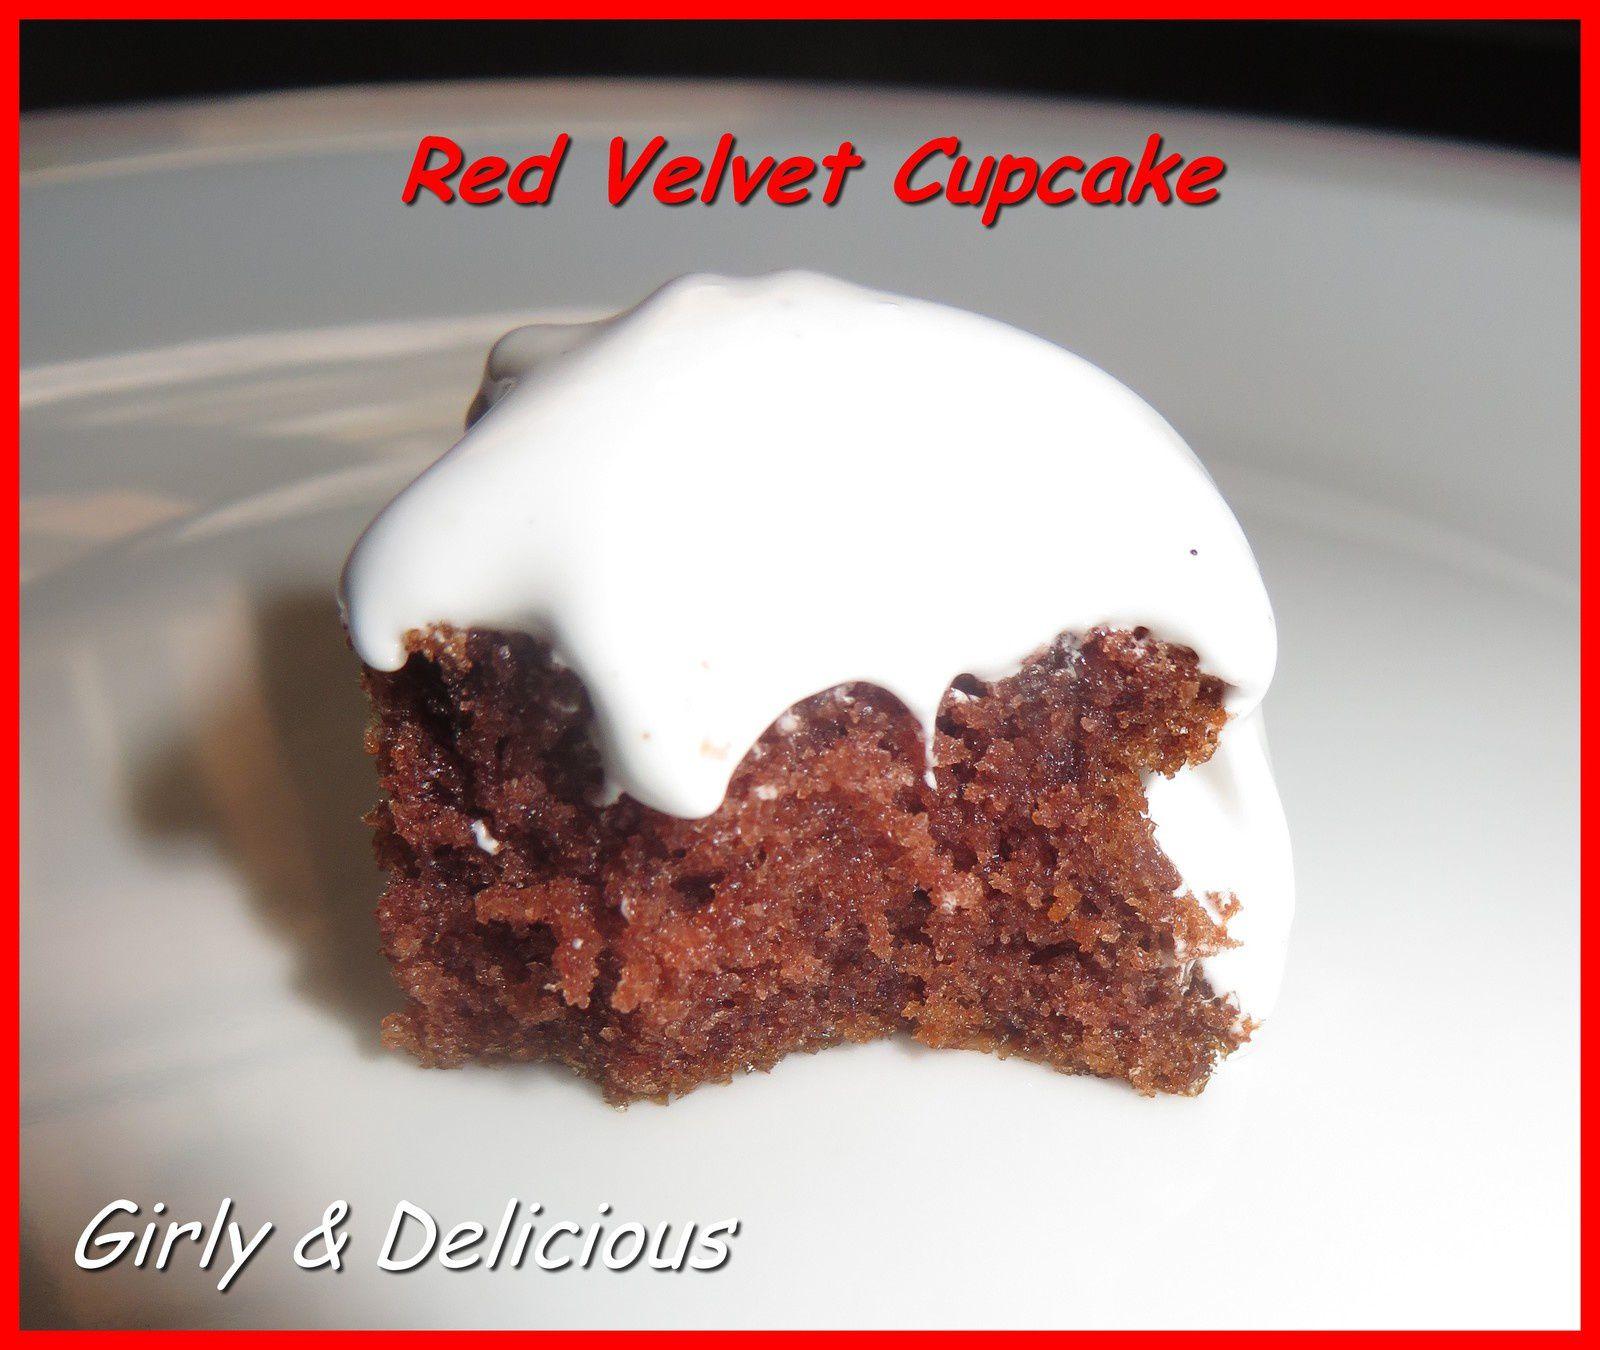 Red Velvet Cupcake et Frosting Vanille